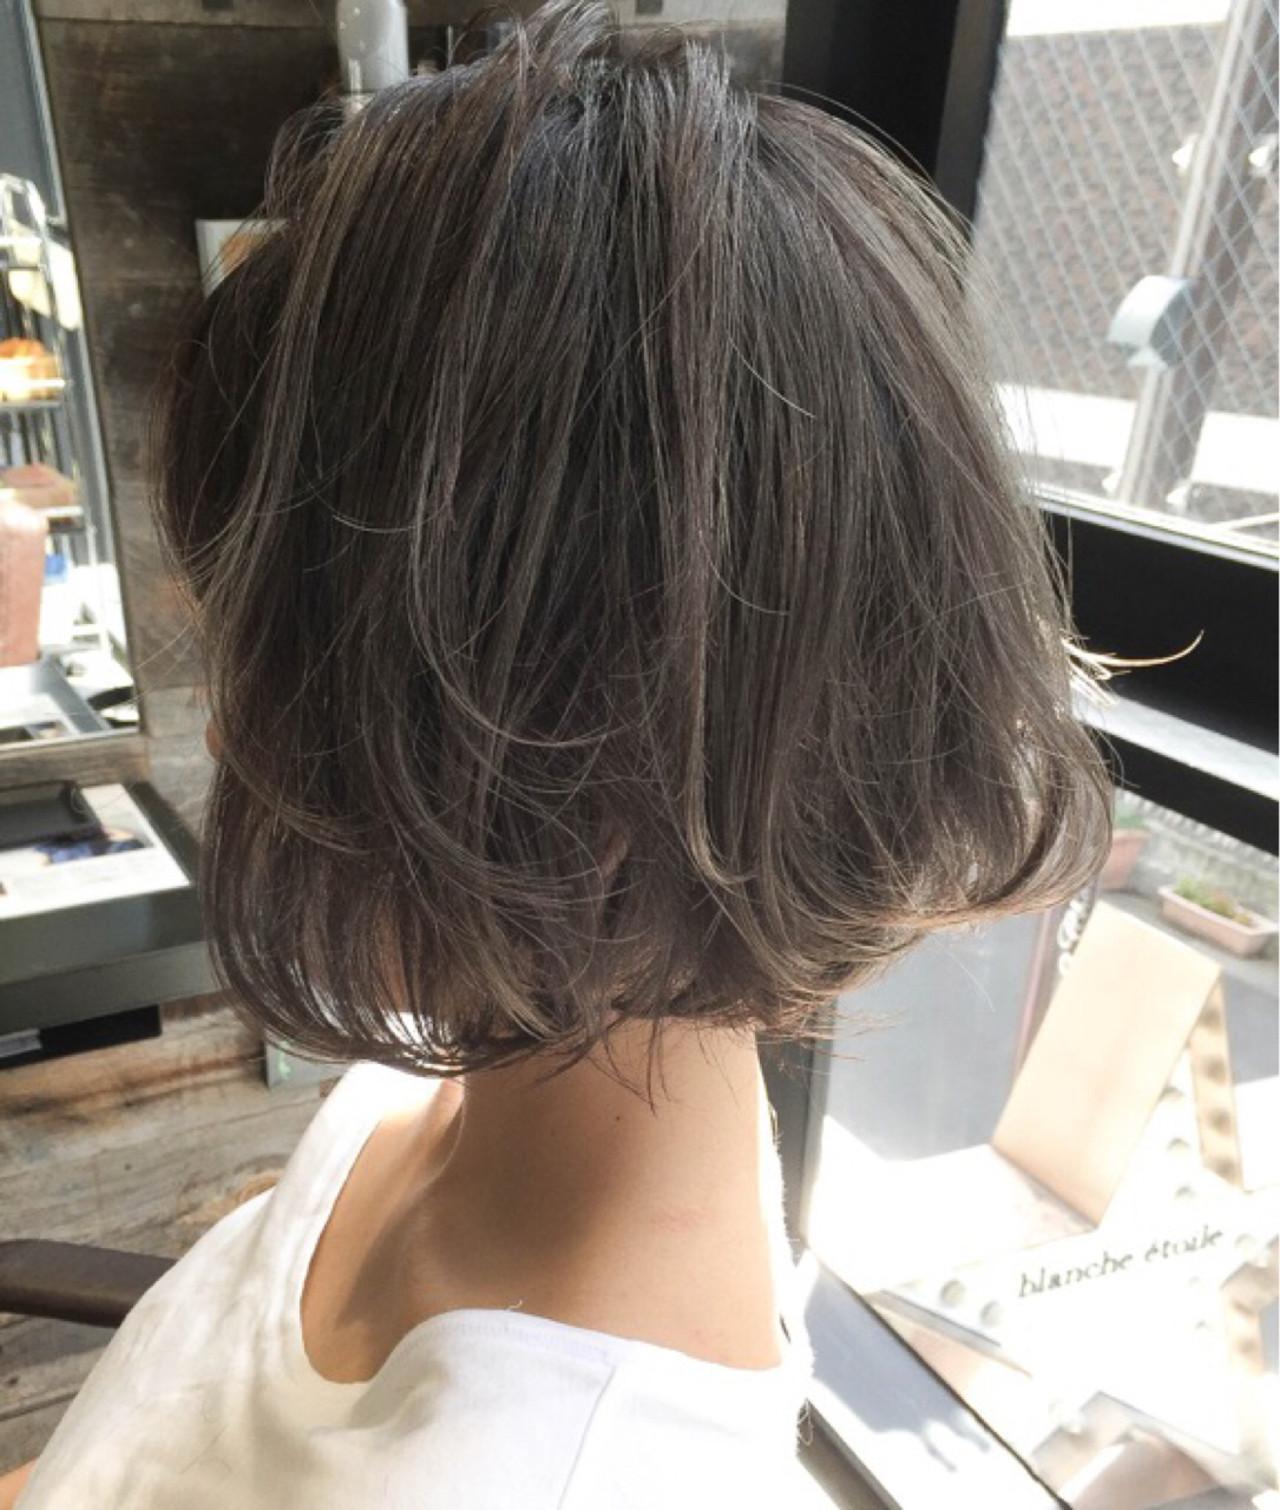 アッシュ ストリート 外国人風 ハイライトヘアスタイルや髪型の写真・画像